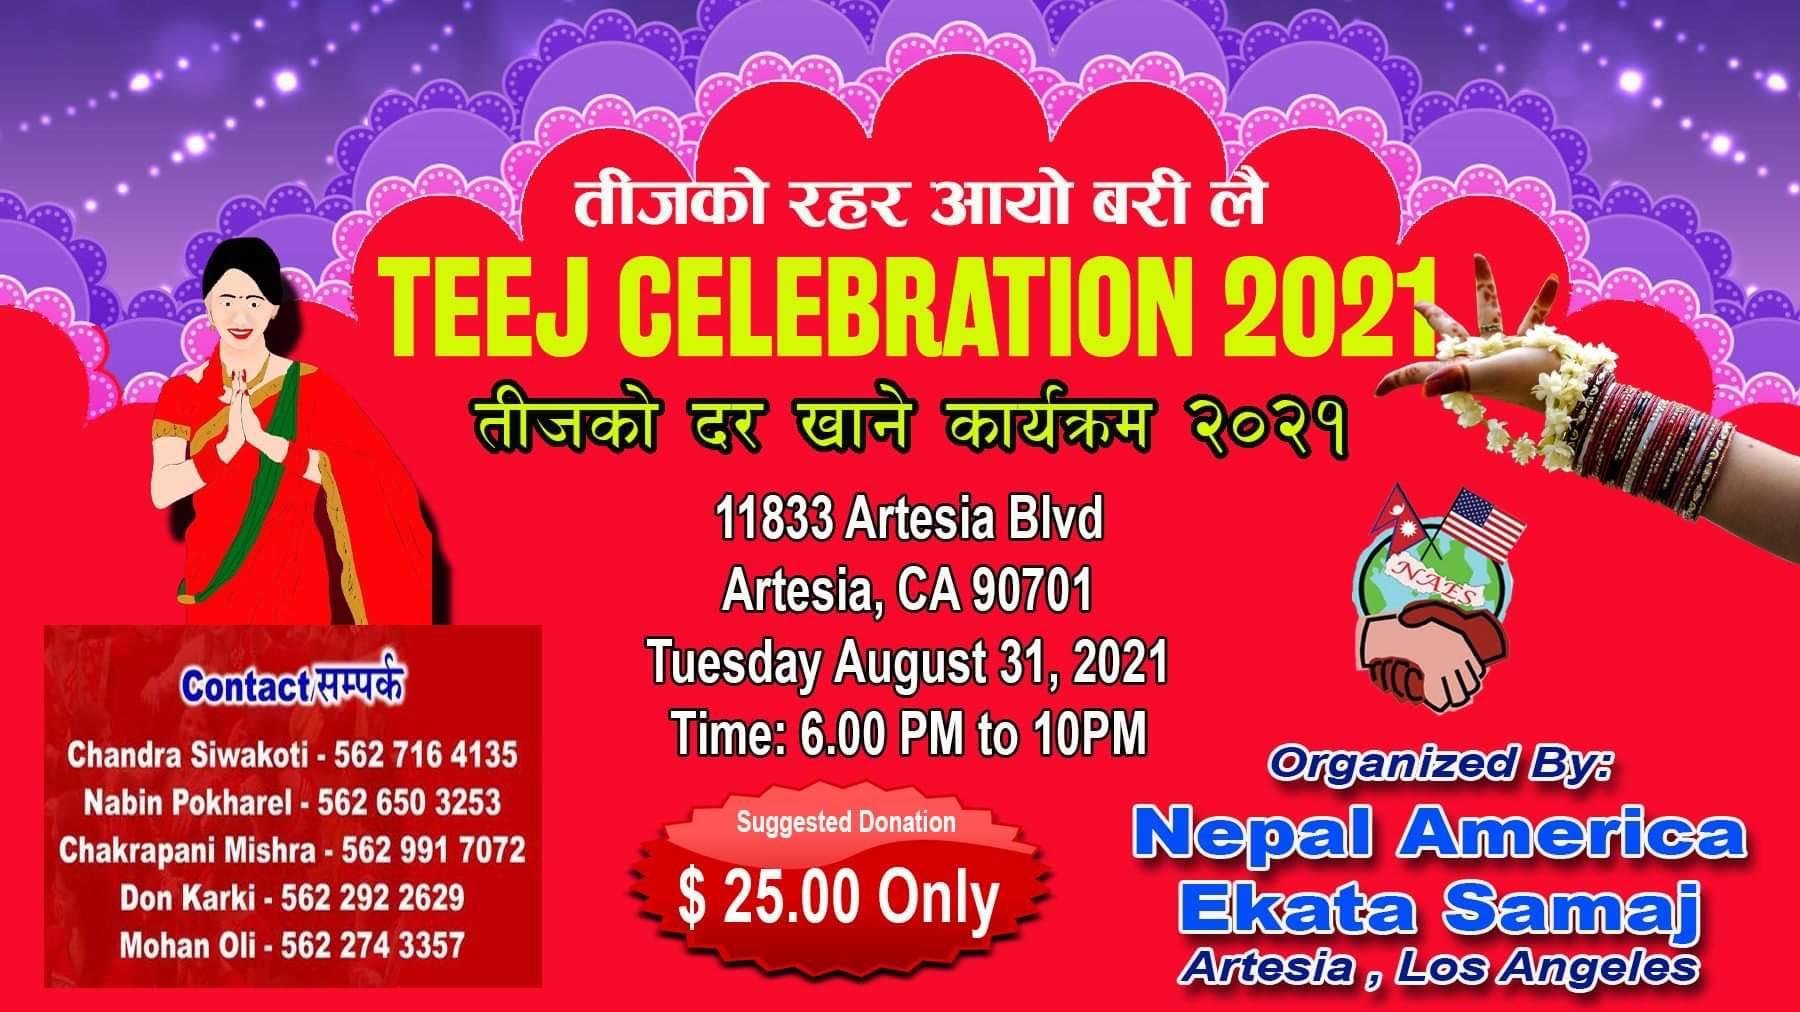 नेपाल अमेरिका एकता समाजको तीज कार्यक्रम, अगस्ट ३१ तारिख मंगलवार